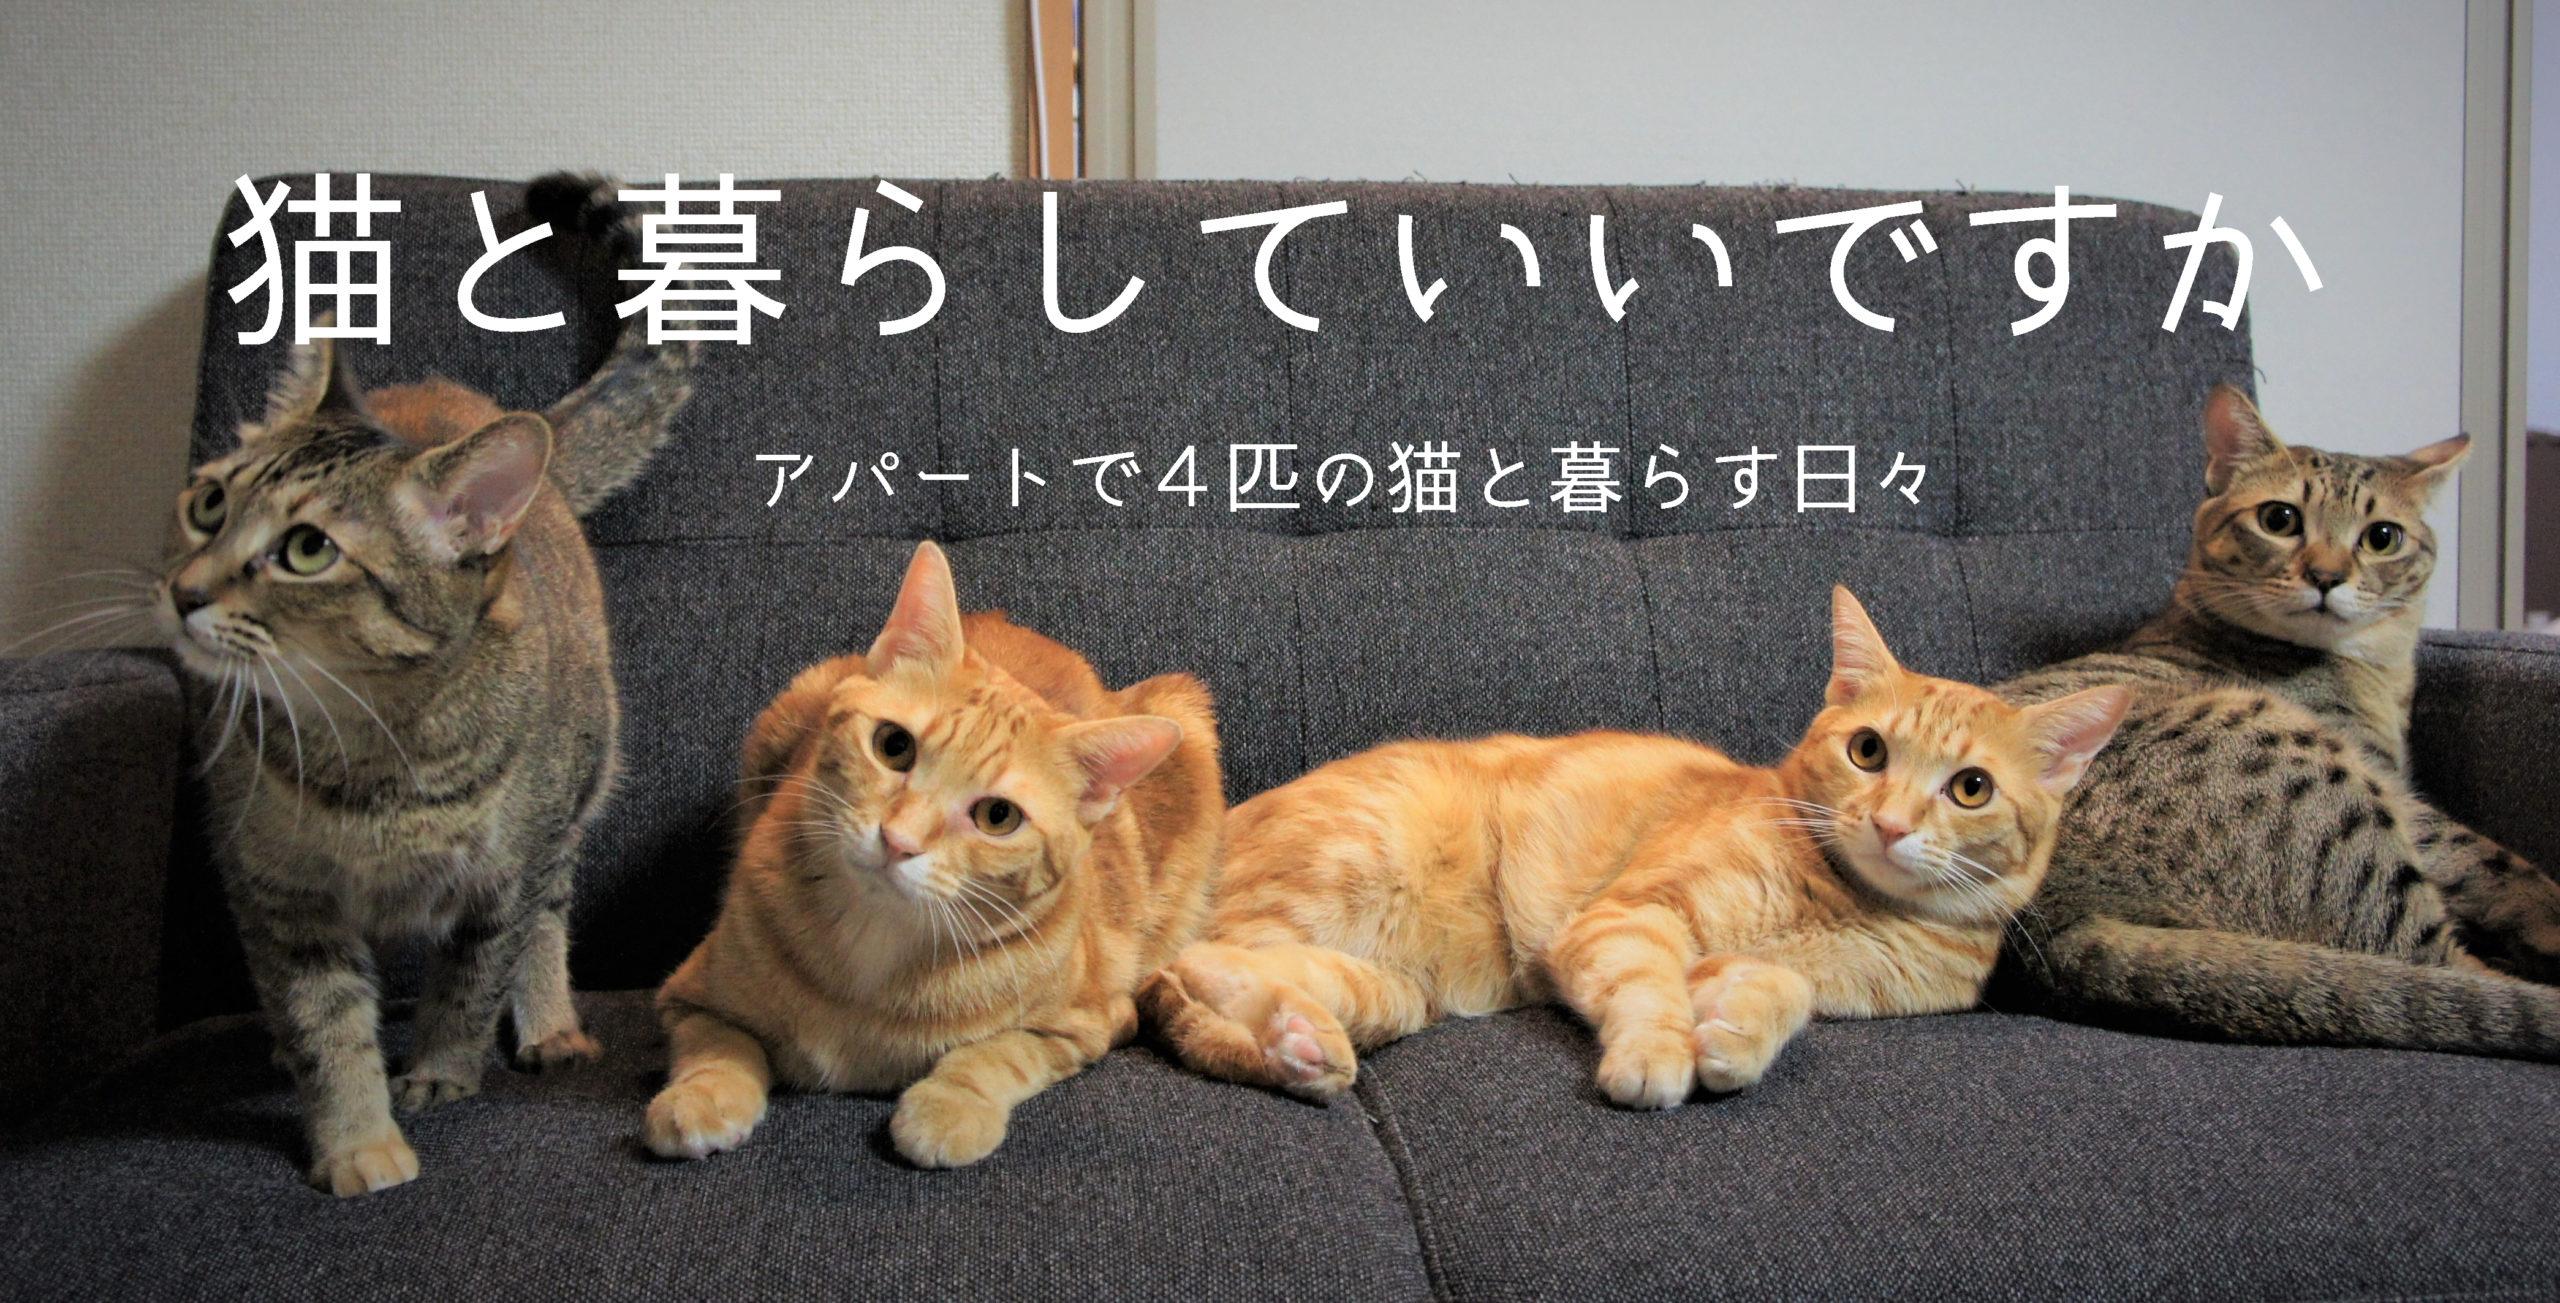 猫と暮らしていいですか